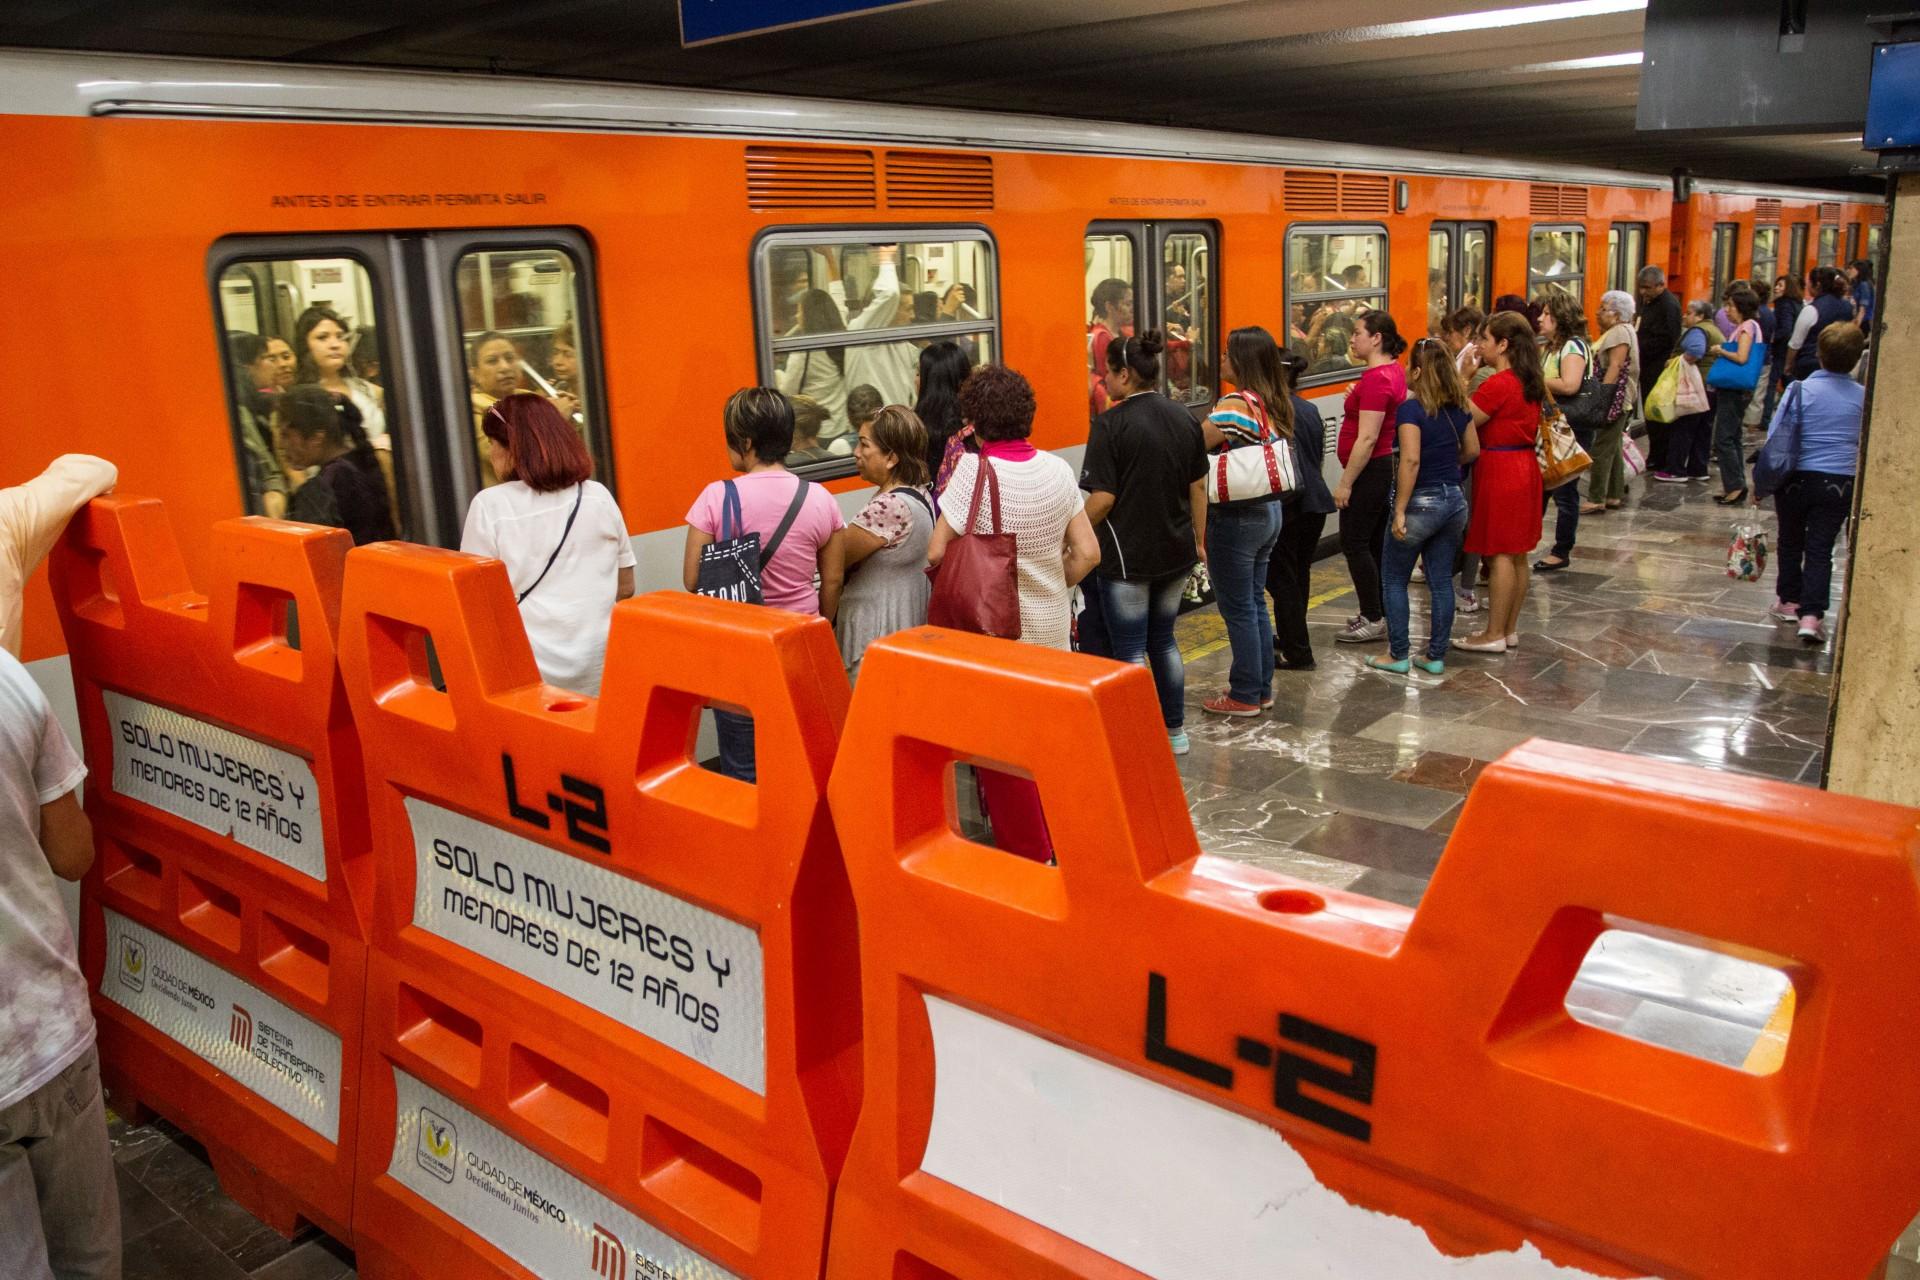 Los vagones exclusivos para que las mujeres viajen en el Metro (FOTO: ISAAC ESQUIVEL /CUARTOSCURO.COM)